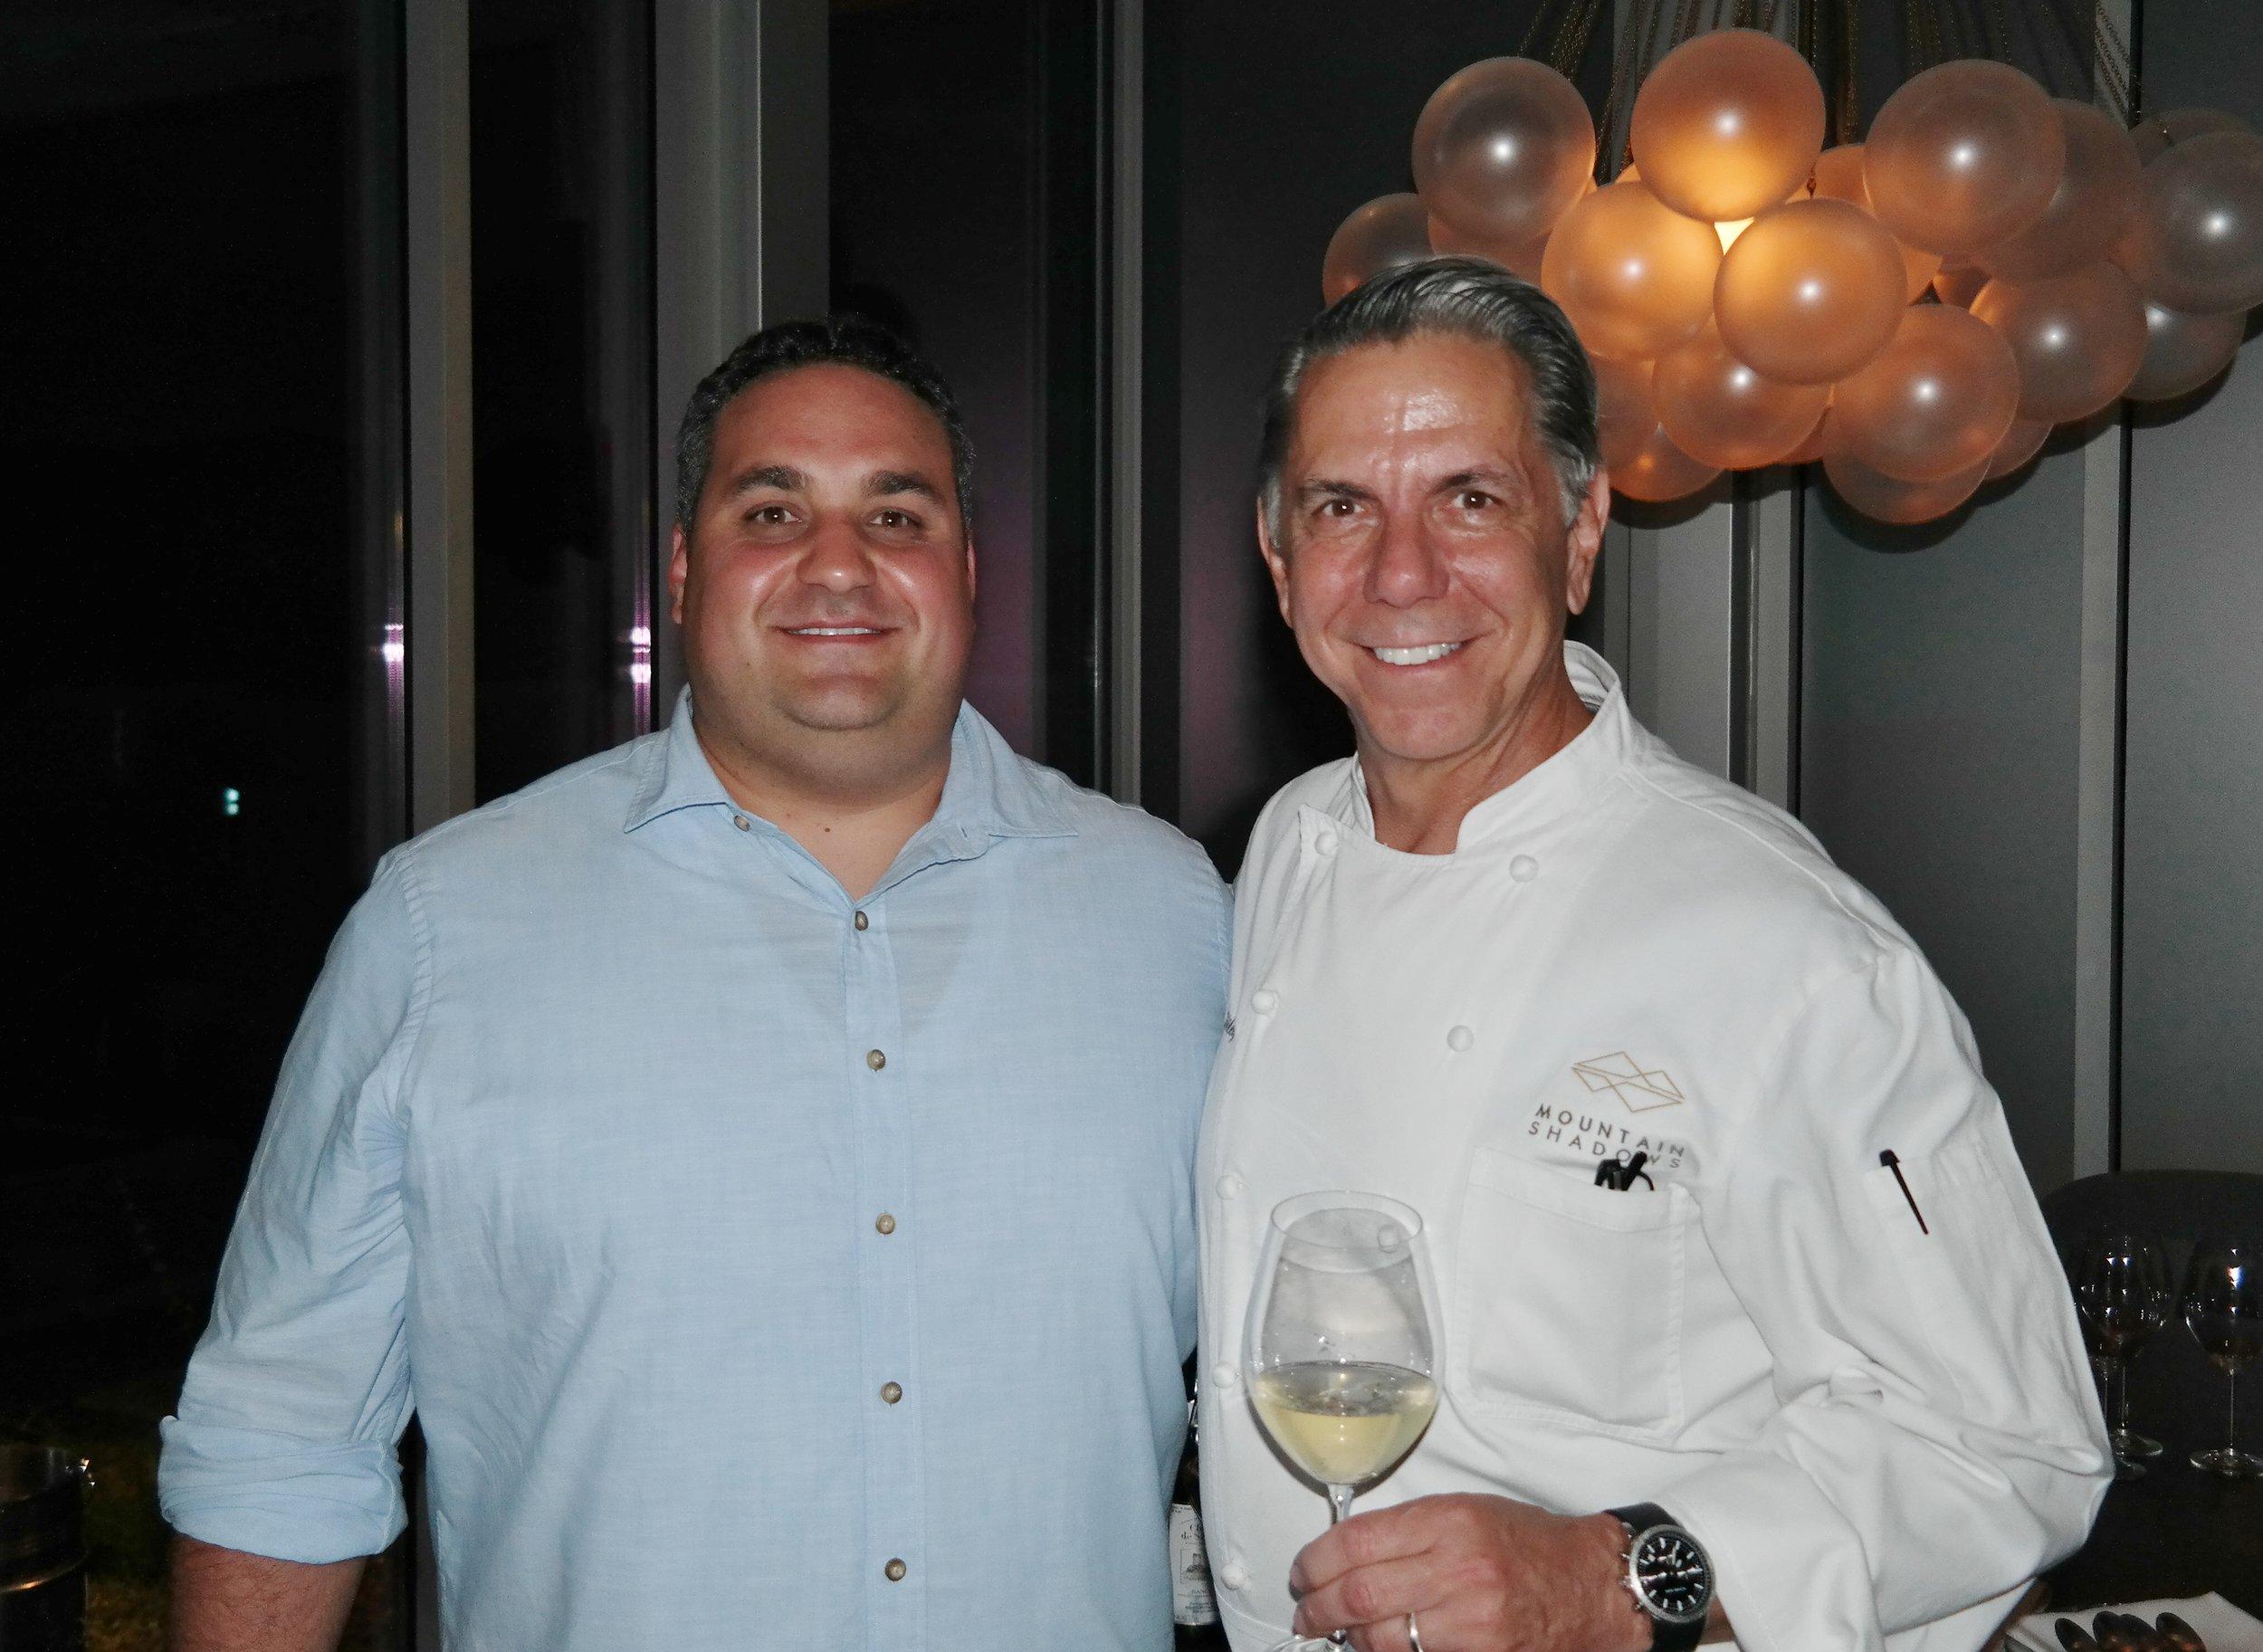 Jason Raducha and Chef Charles Wiley